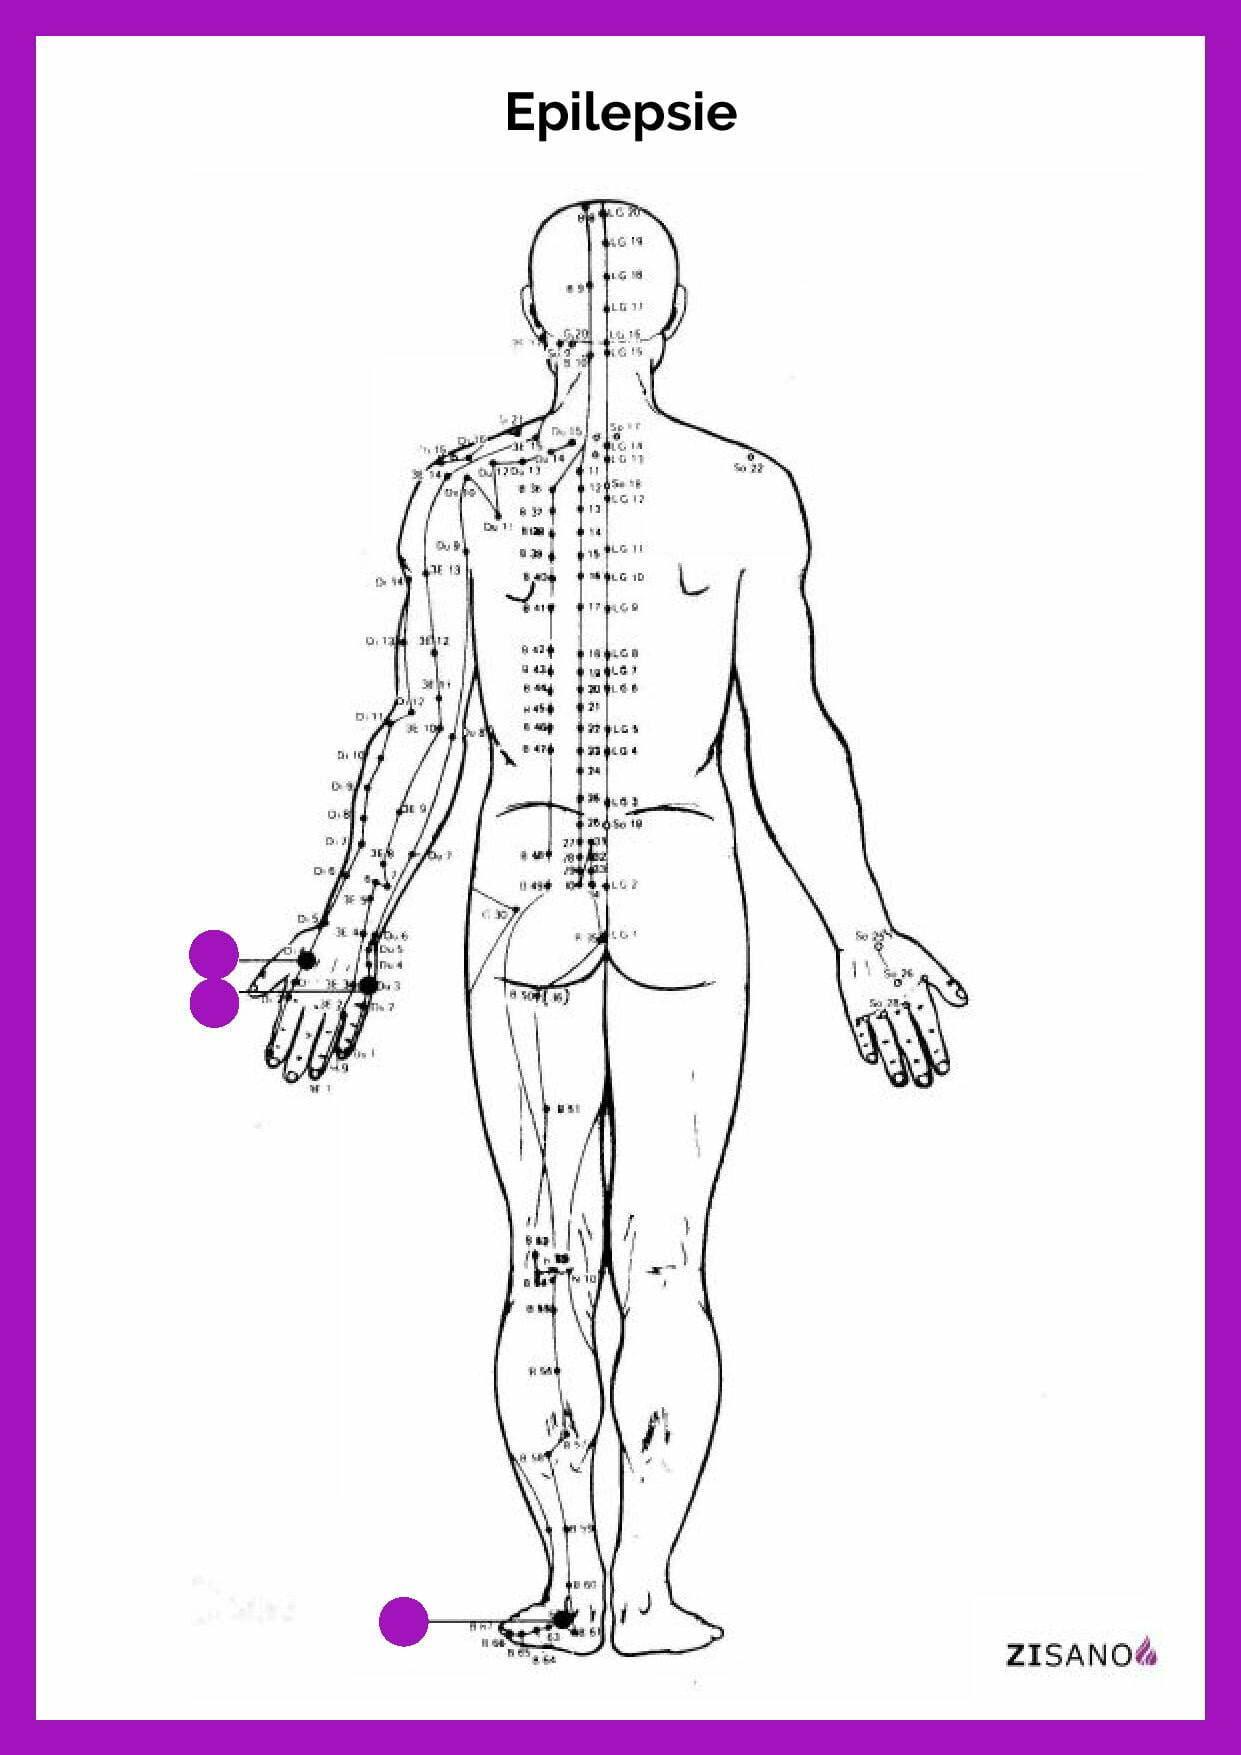 Meridiane - Epilepsie - Behandlung